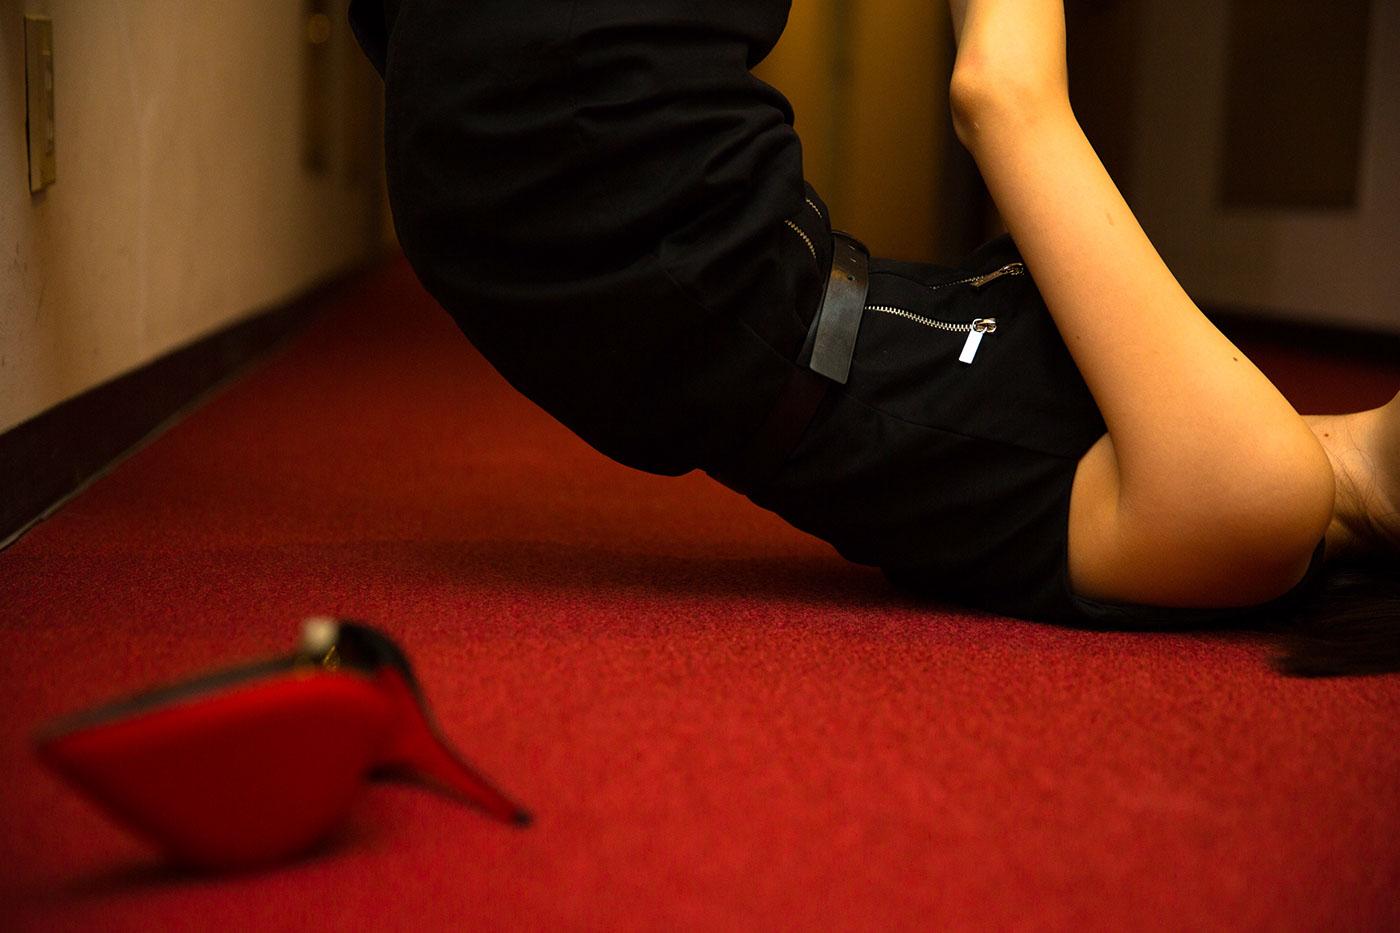 【準強姦疑惑】「私はレイプされた。不起訴はおかしい」著名ジャーナリストの山口敬之氏からの被害訴え、女性が会見★12 [無断転載禁止]©2ch.netYouTube動画>22本 ->画像>145枚